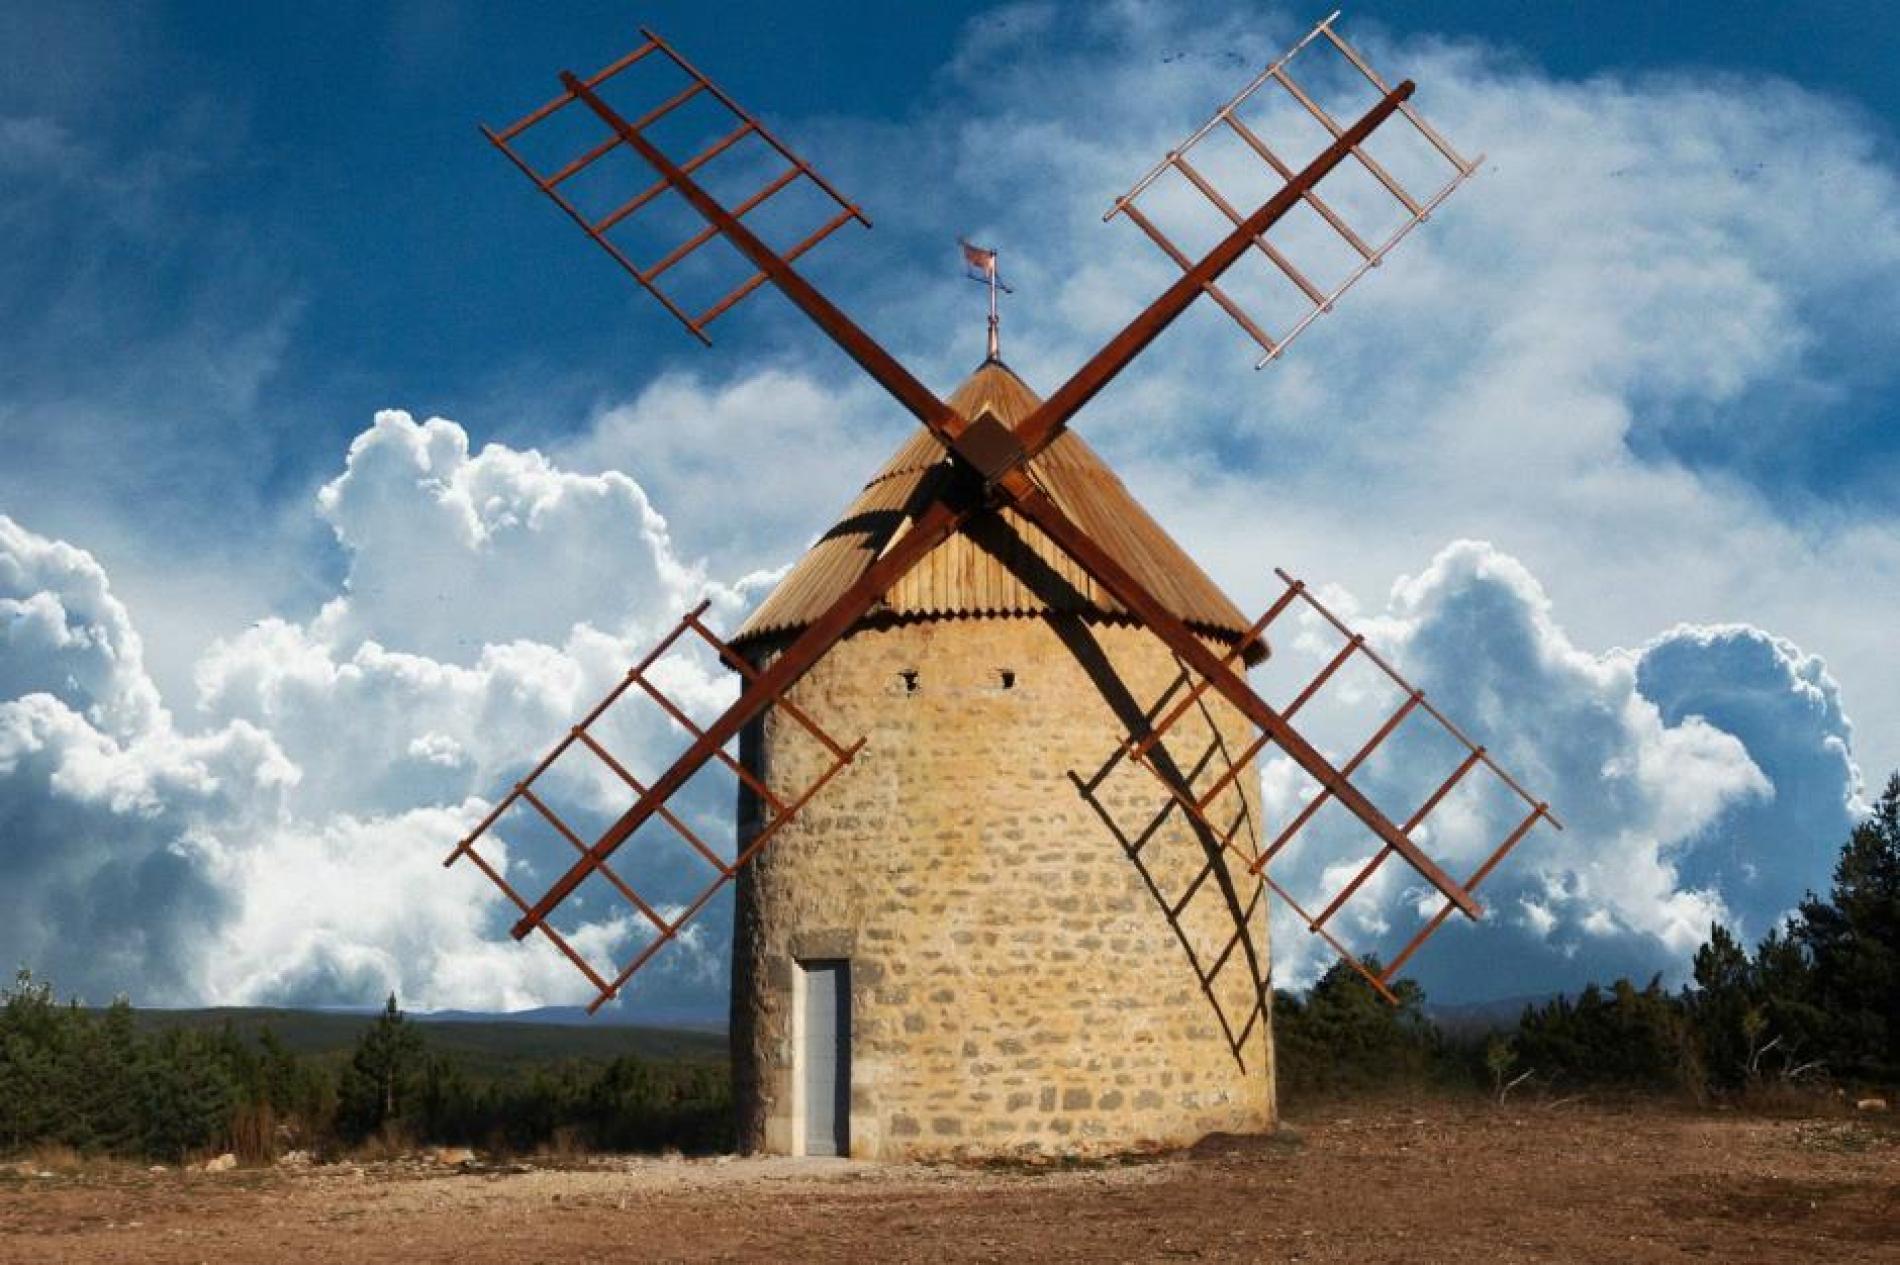 Le moulin à vente de la Borie